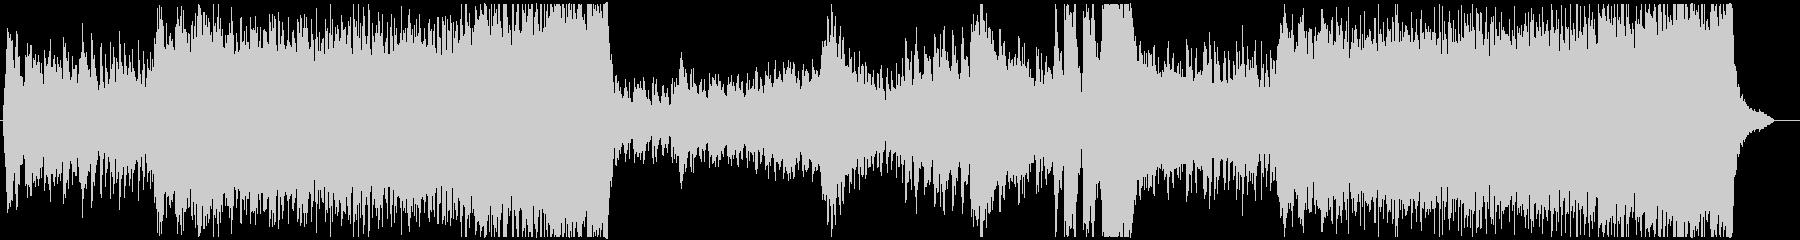 緊迫感のある6拍子のオーケストラBGMの未再生の波形